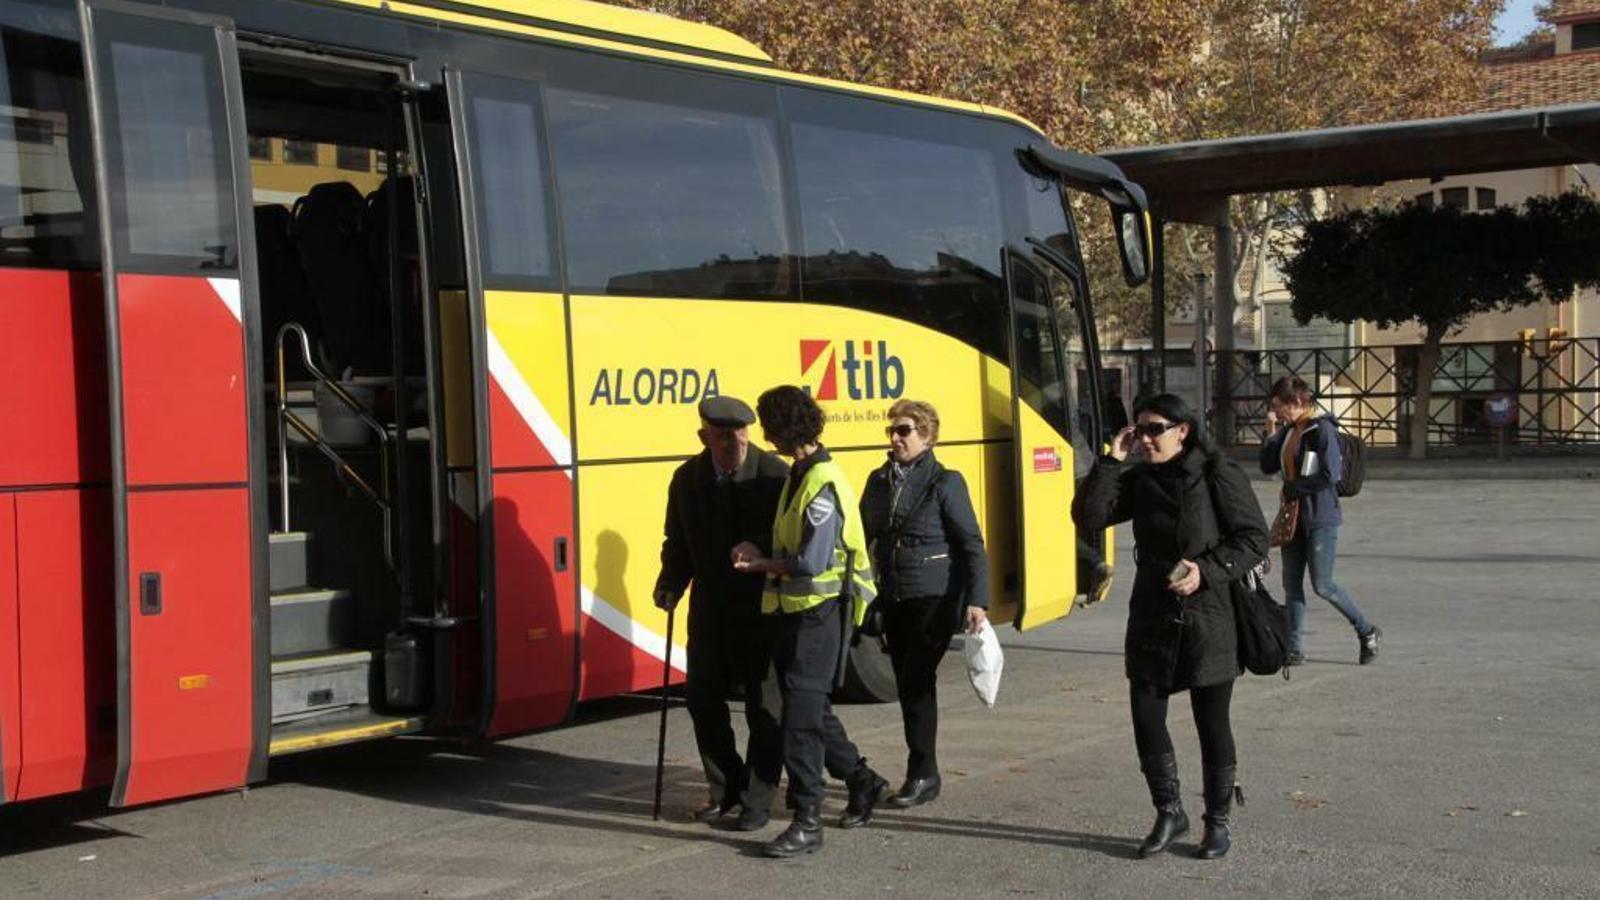 Transabús perd la concessió d'autobusos de Llevant, Migjorn i Ponent per una baixa temerària